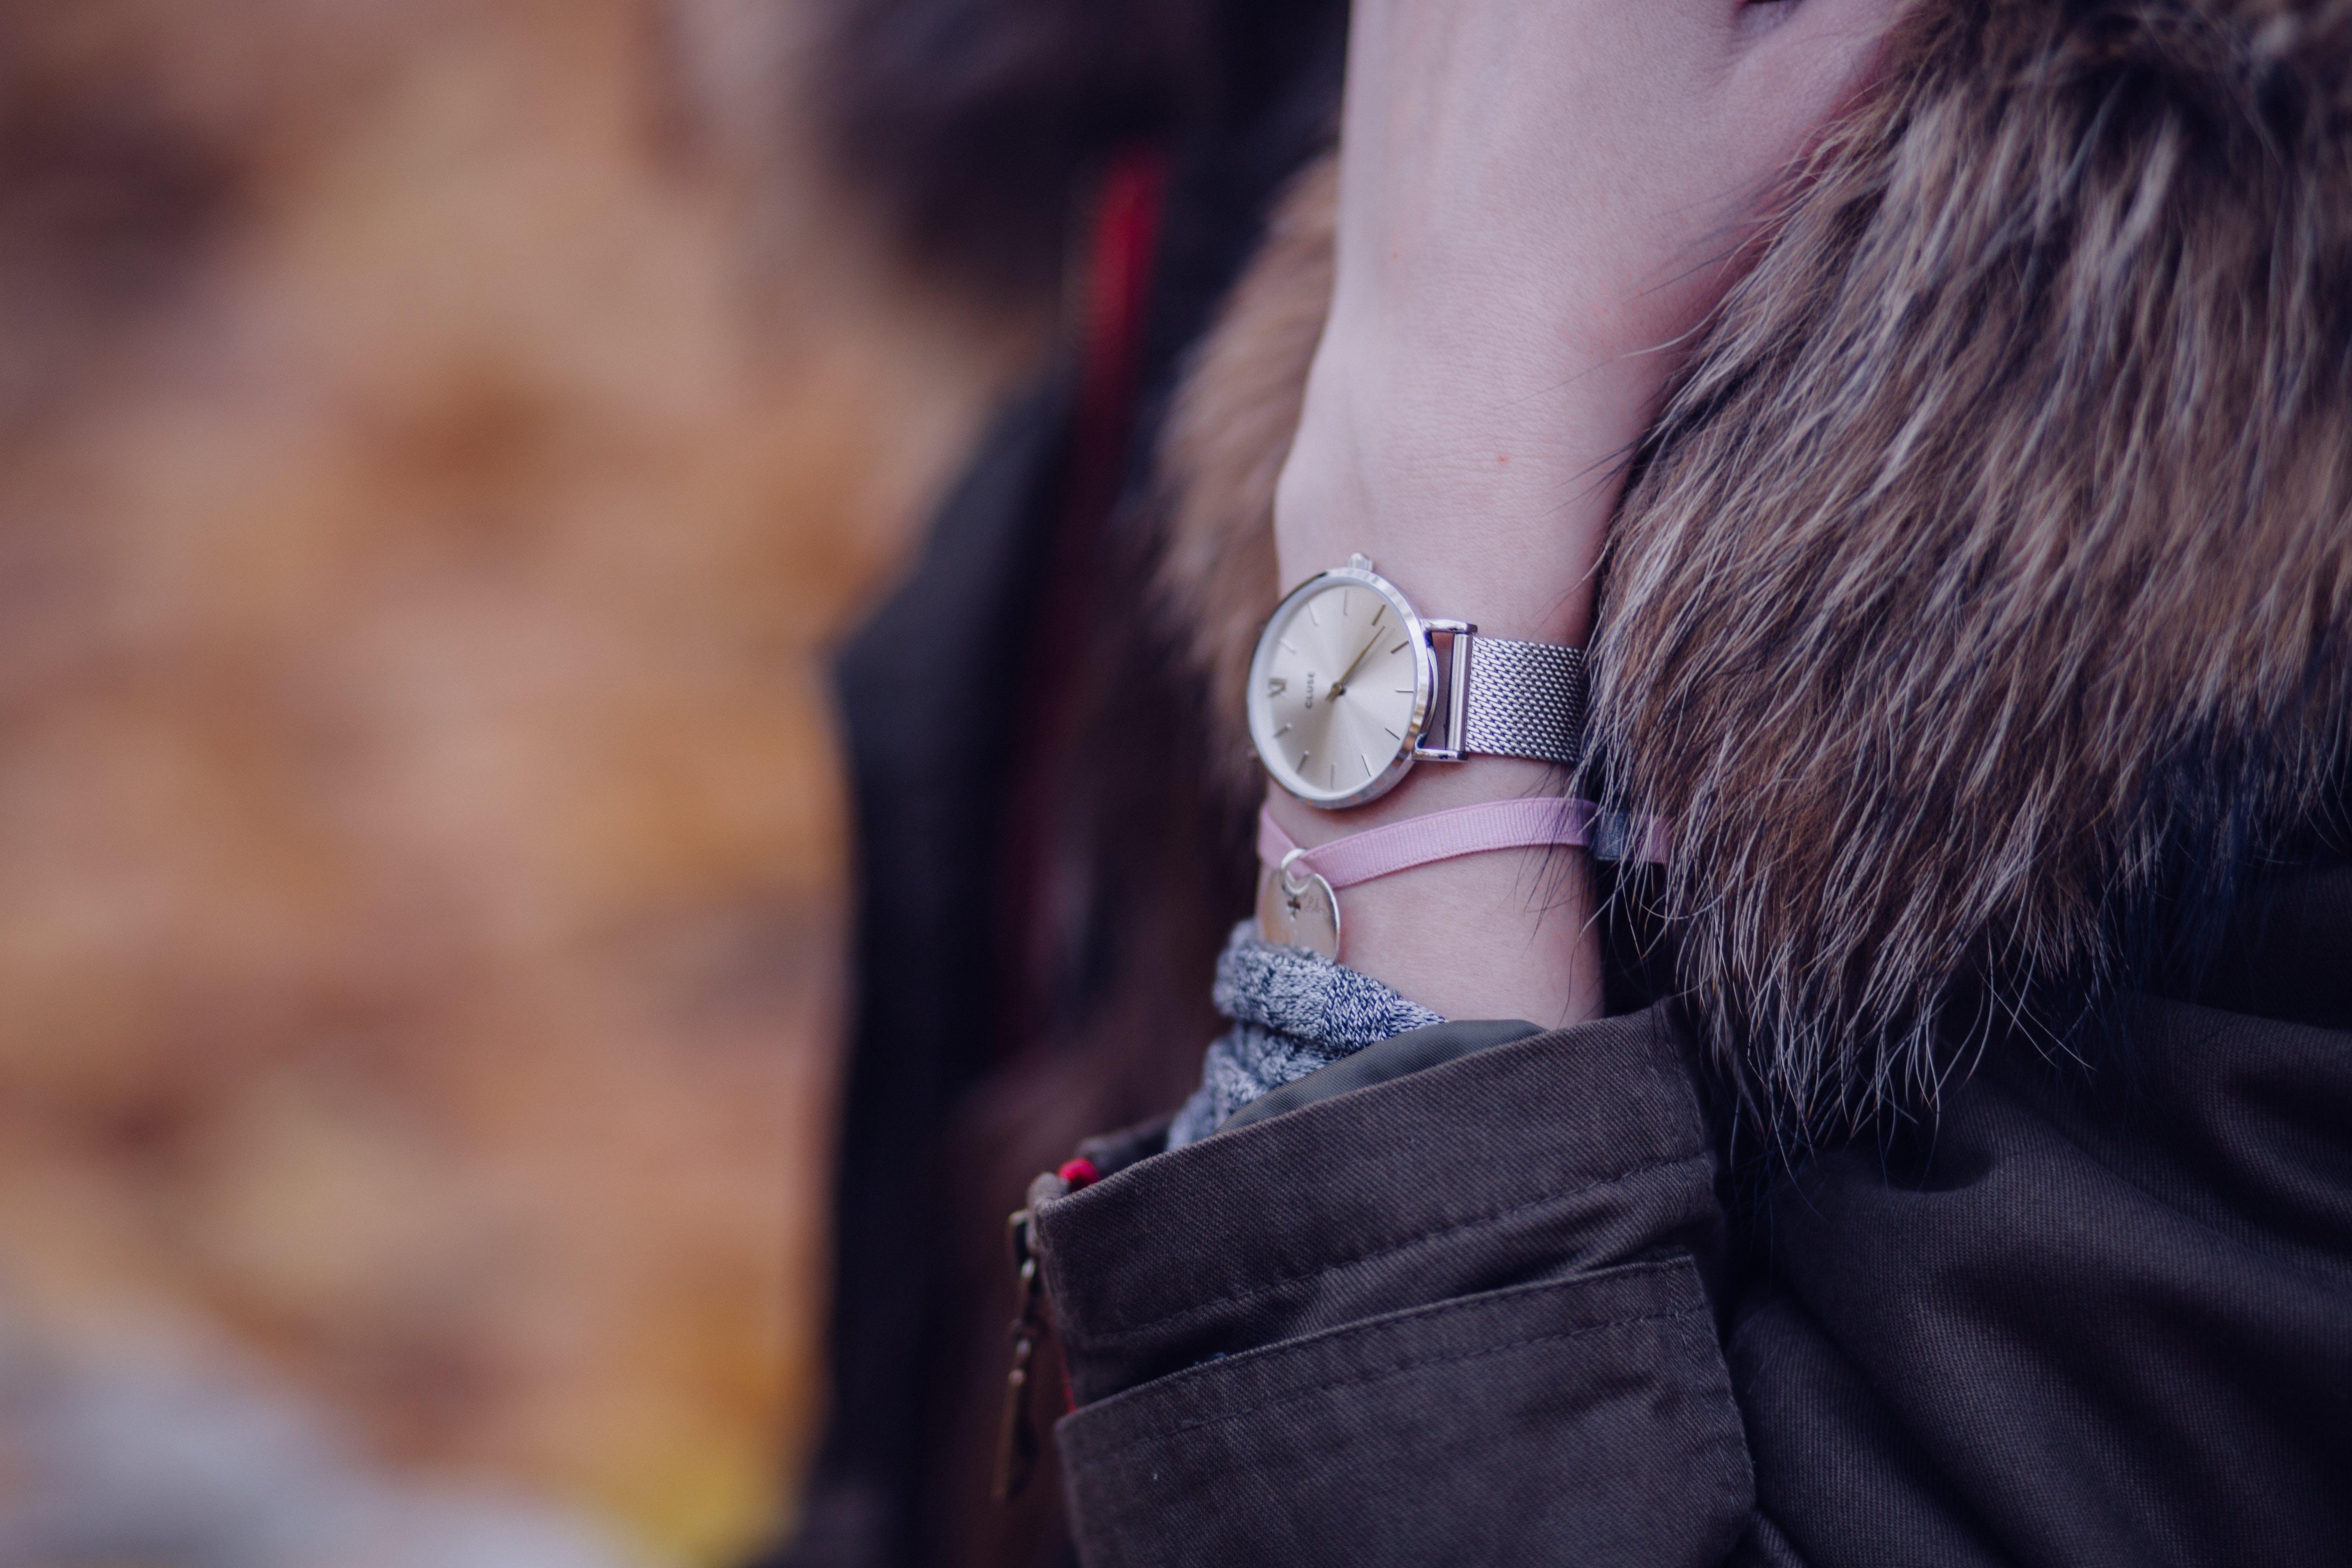 ぼかし, アダルト, ジャケット, ハンドの無料の写真素材